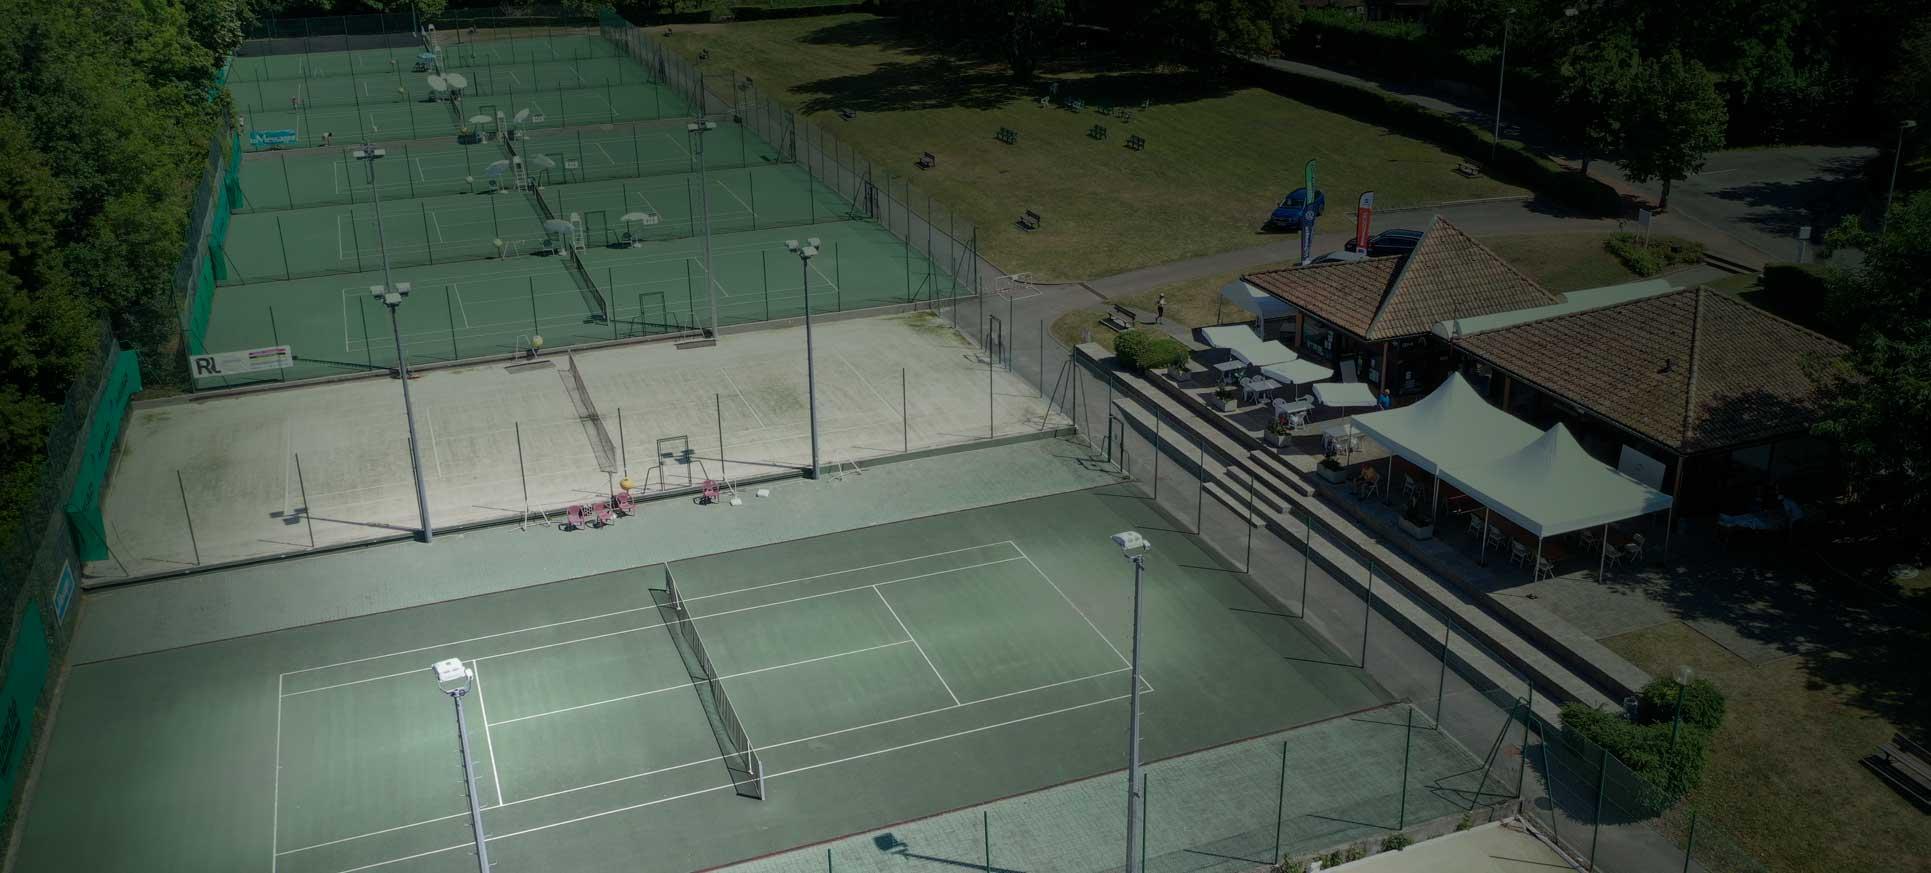 Stage de la Toussaint 2020 au Tennis Club d'Evian (TCE)